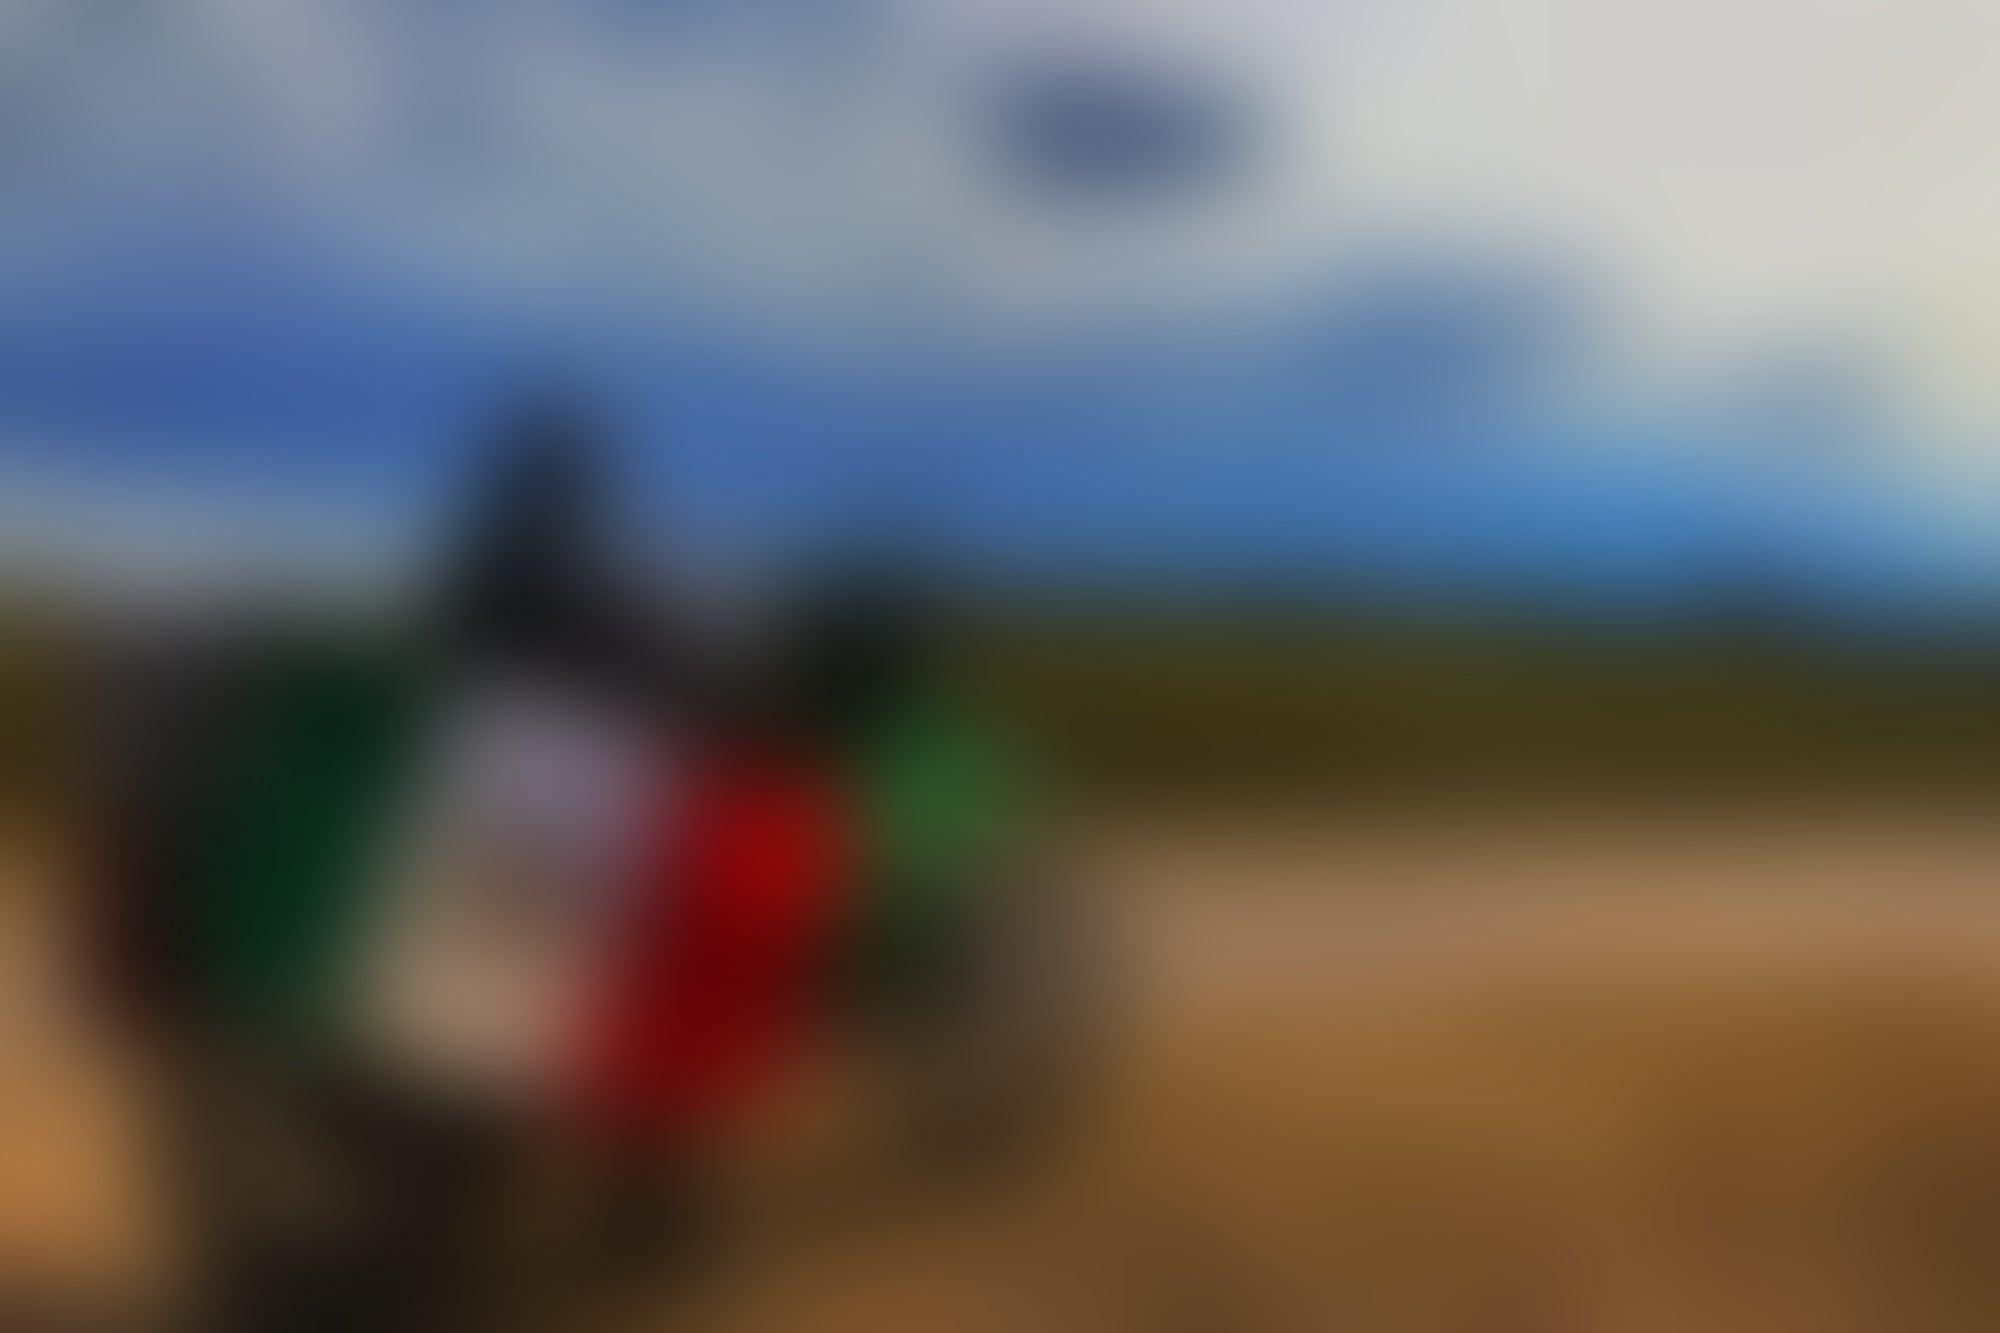 El joven guanajuatense que recorre el mundo en moto para demostrar que se pueden lograr los sueños